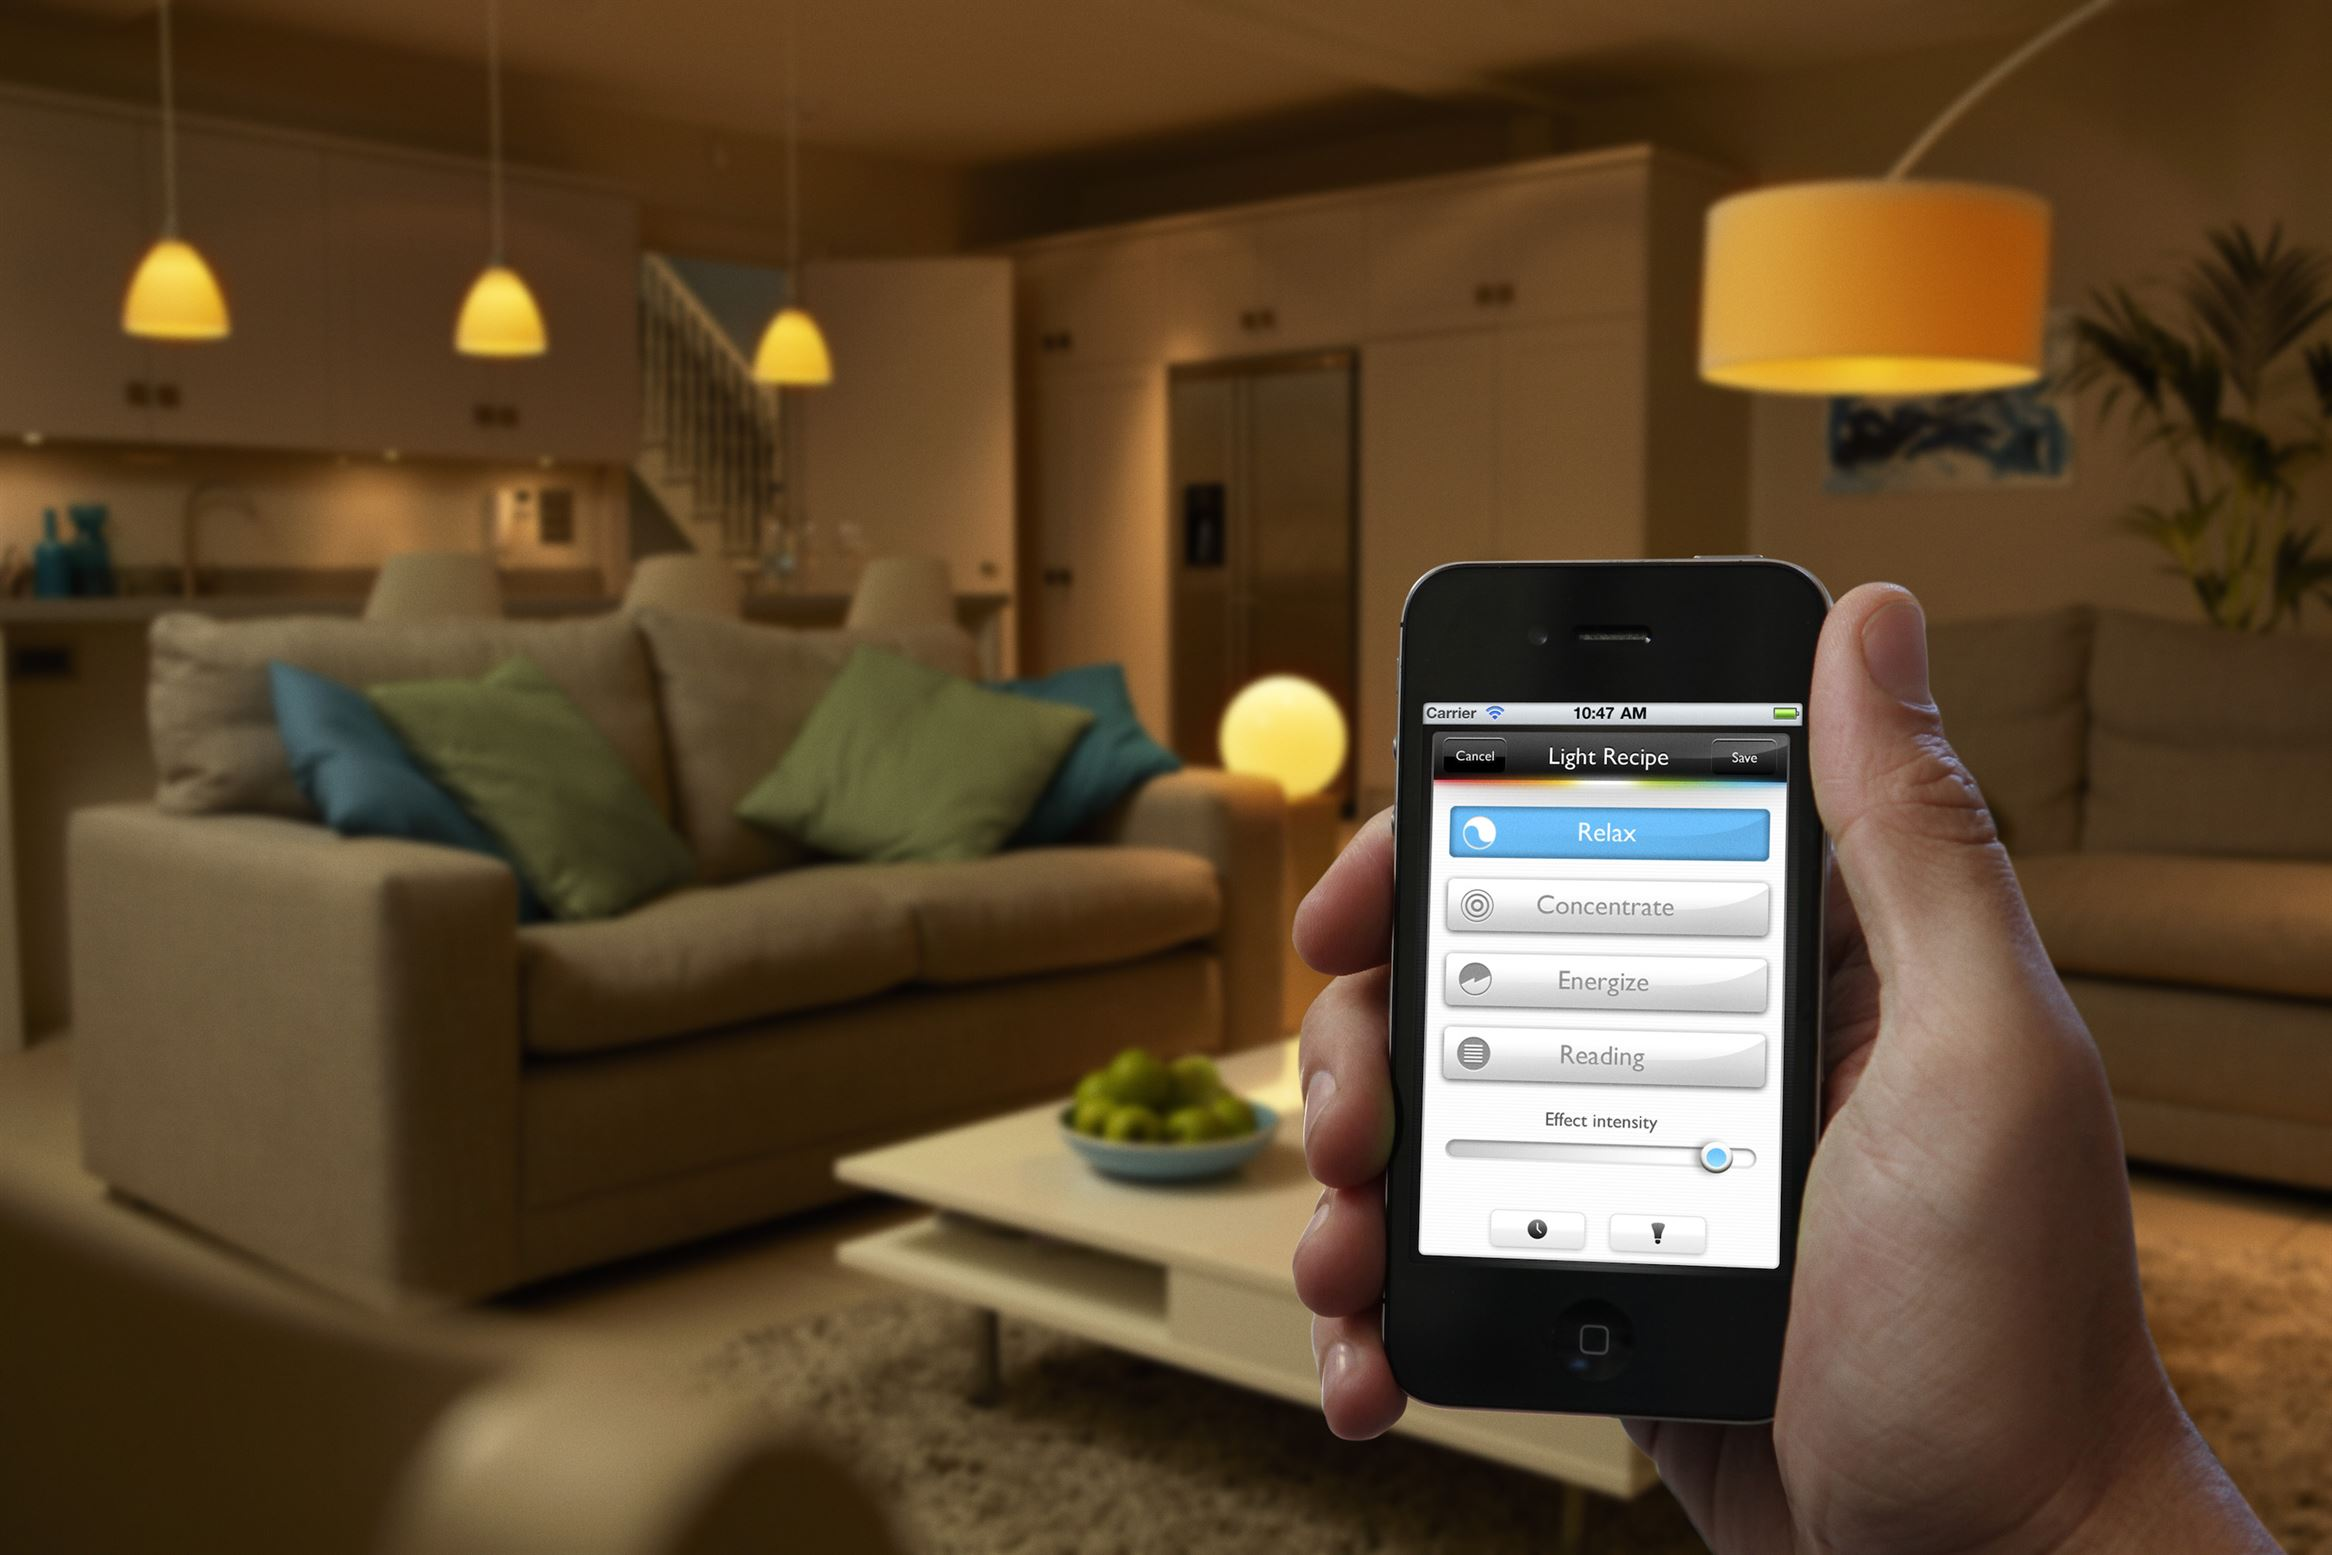 Phillips Hue Smart home lighting